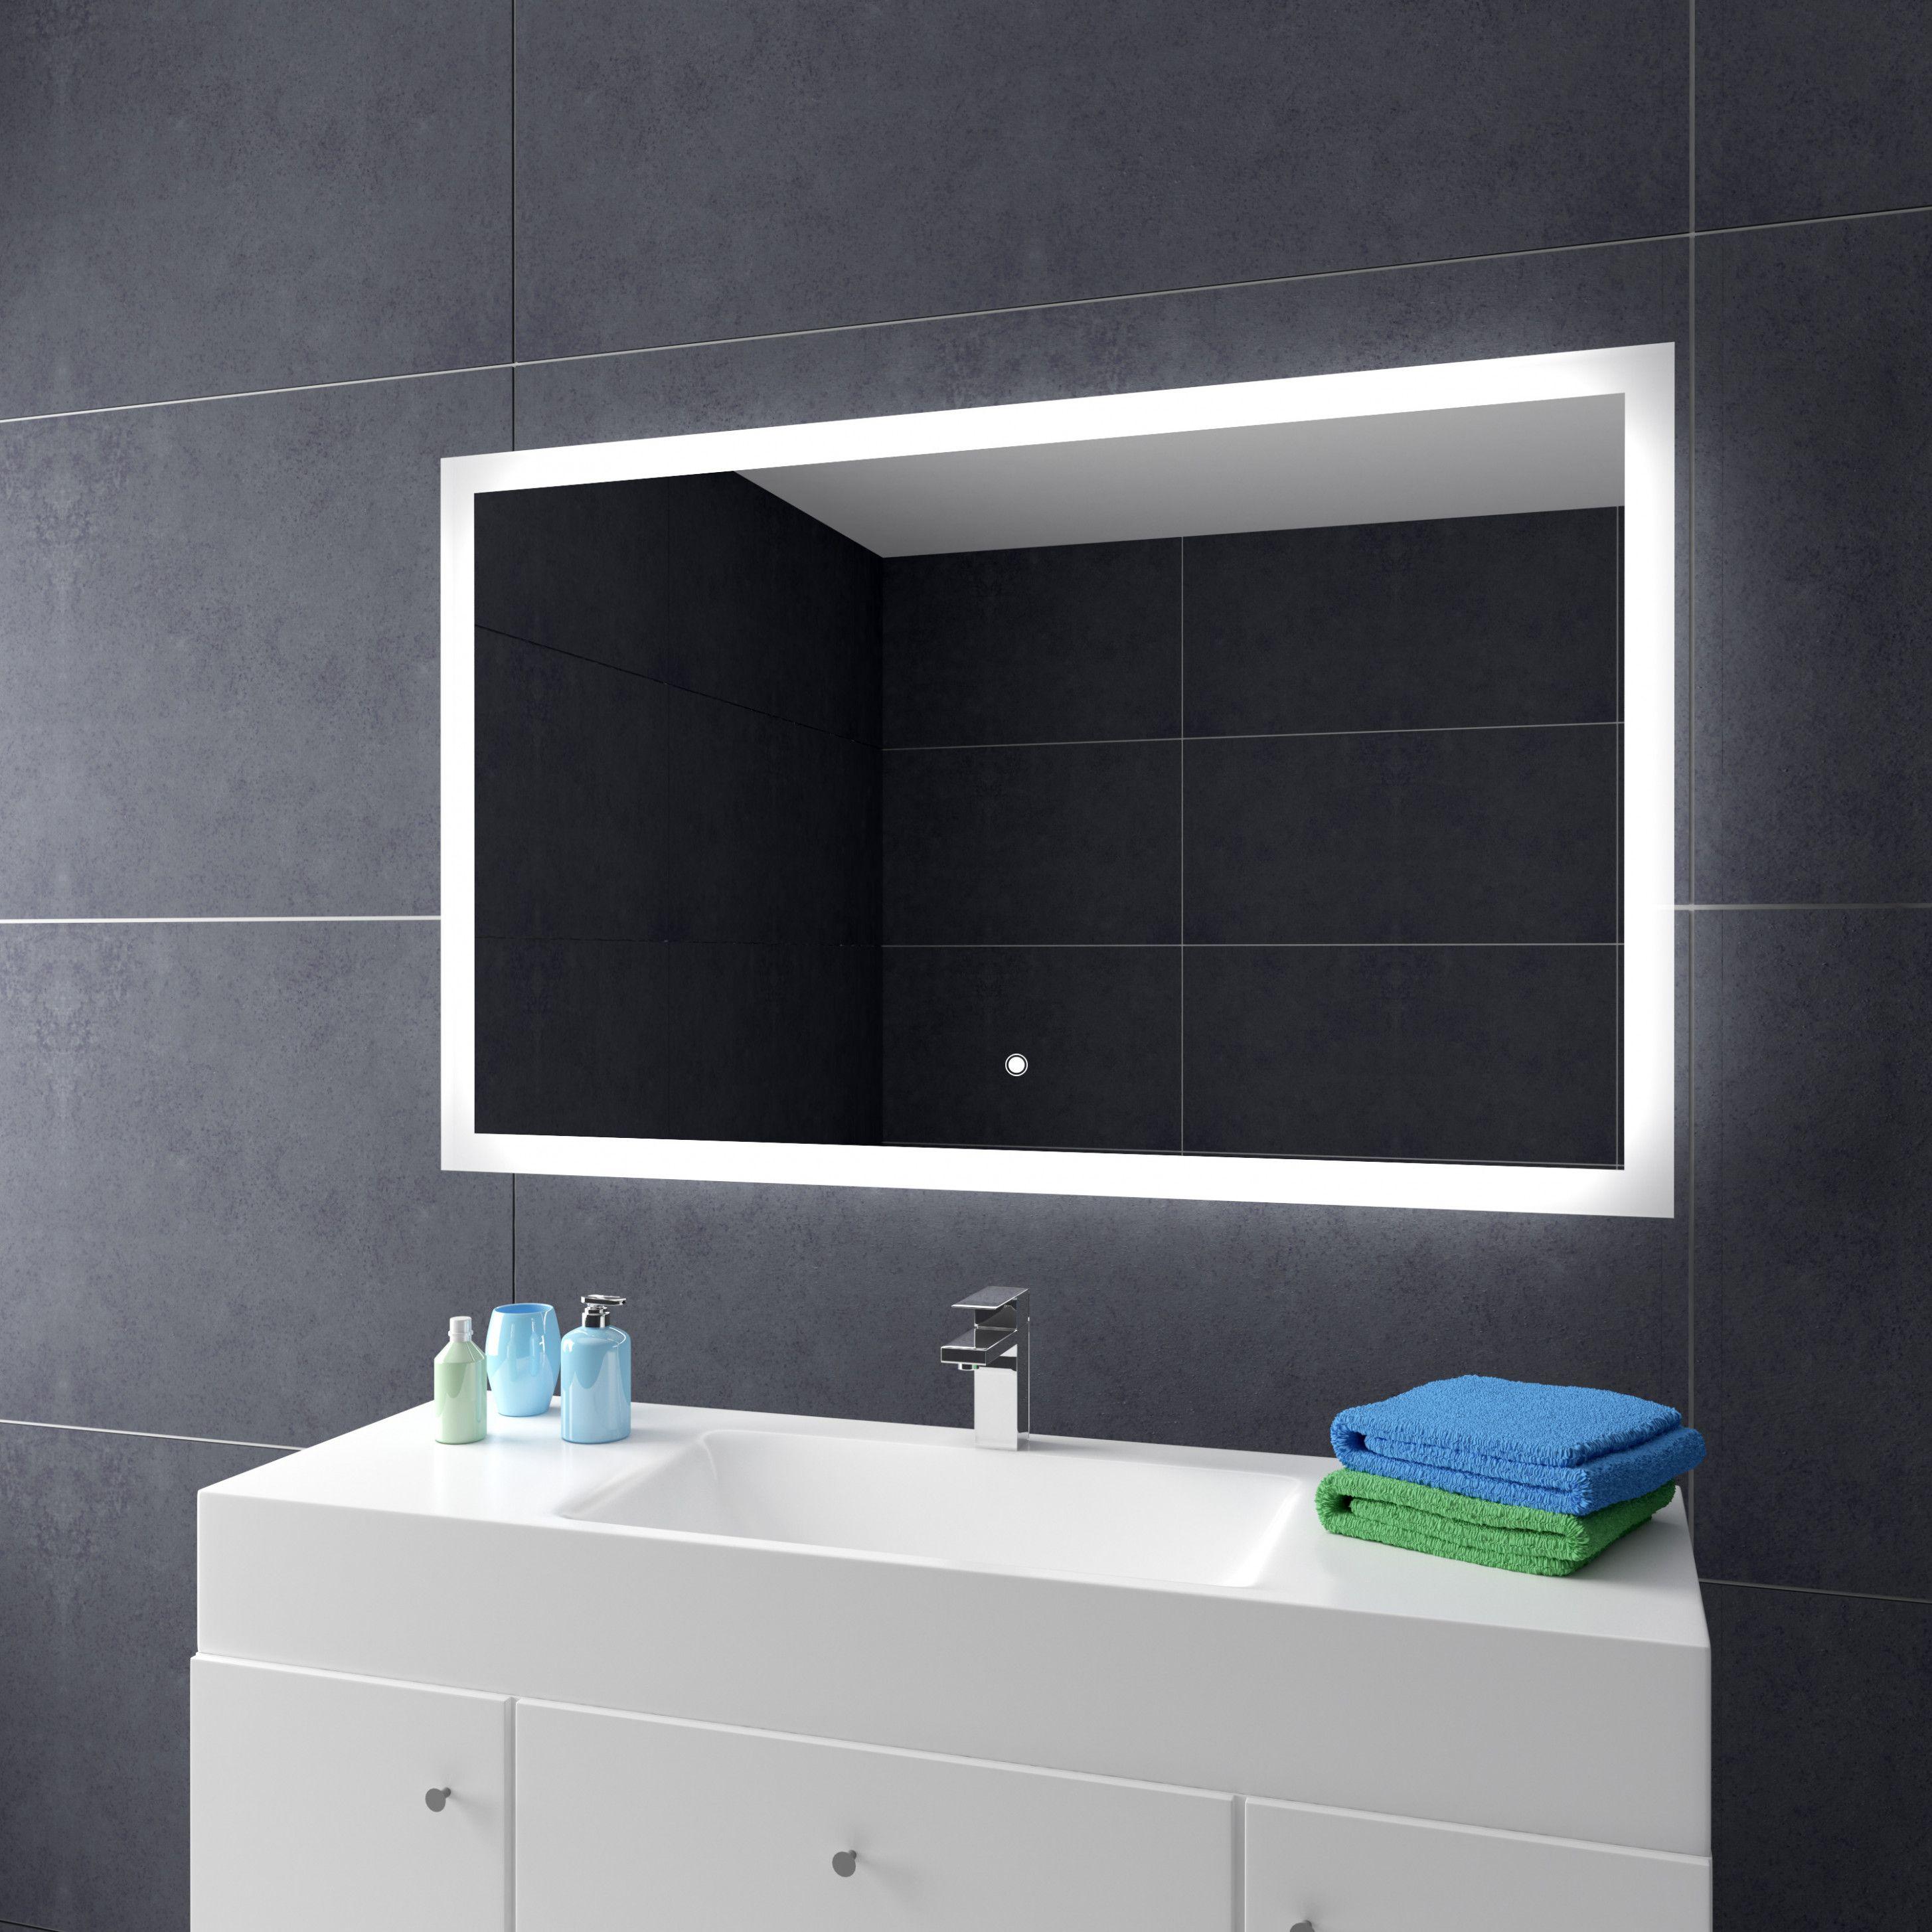 Was Macht Ebay De Badezimmerspiegel Beleuchtung So Suchtig Dass